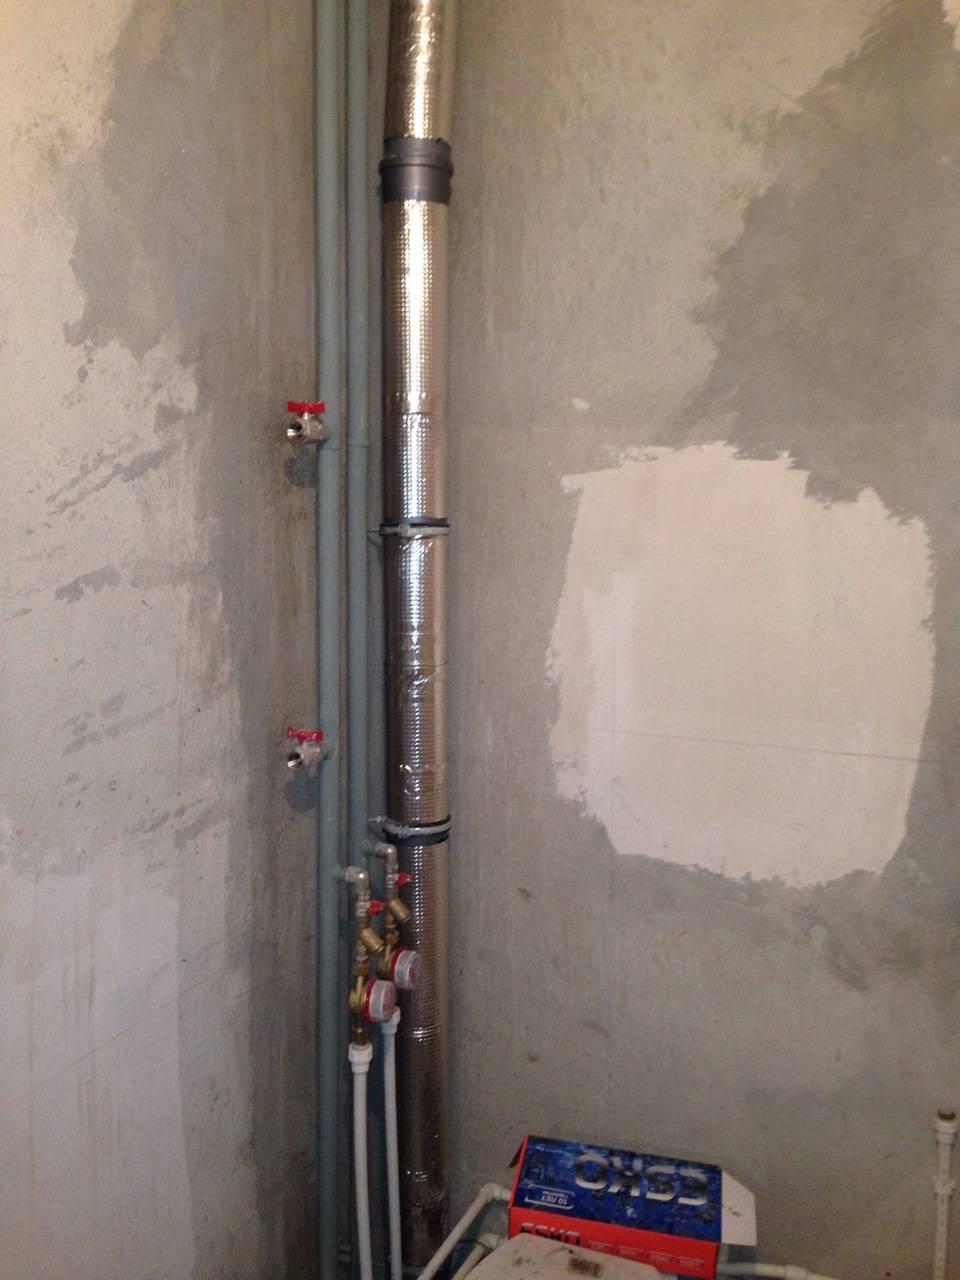 Шумоизоляция для канализационного стояка: материалы и как это сделать в квартире своими руками